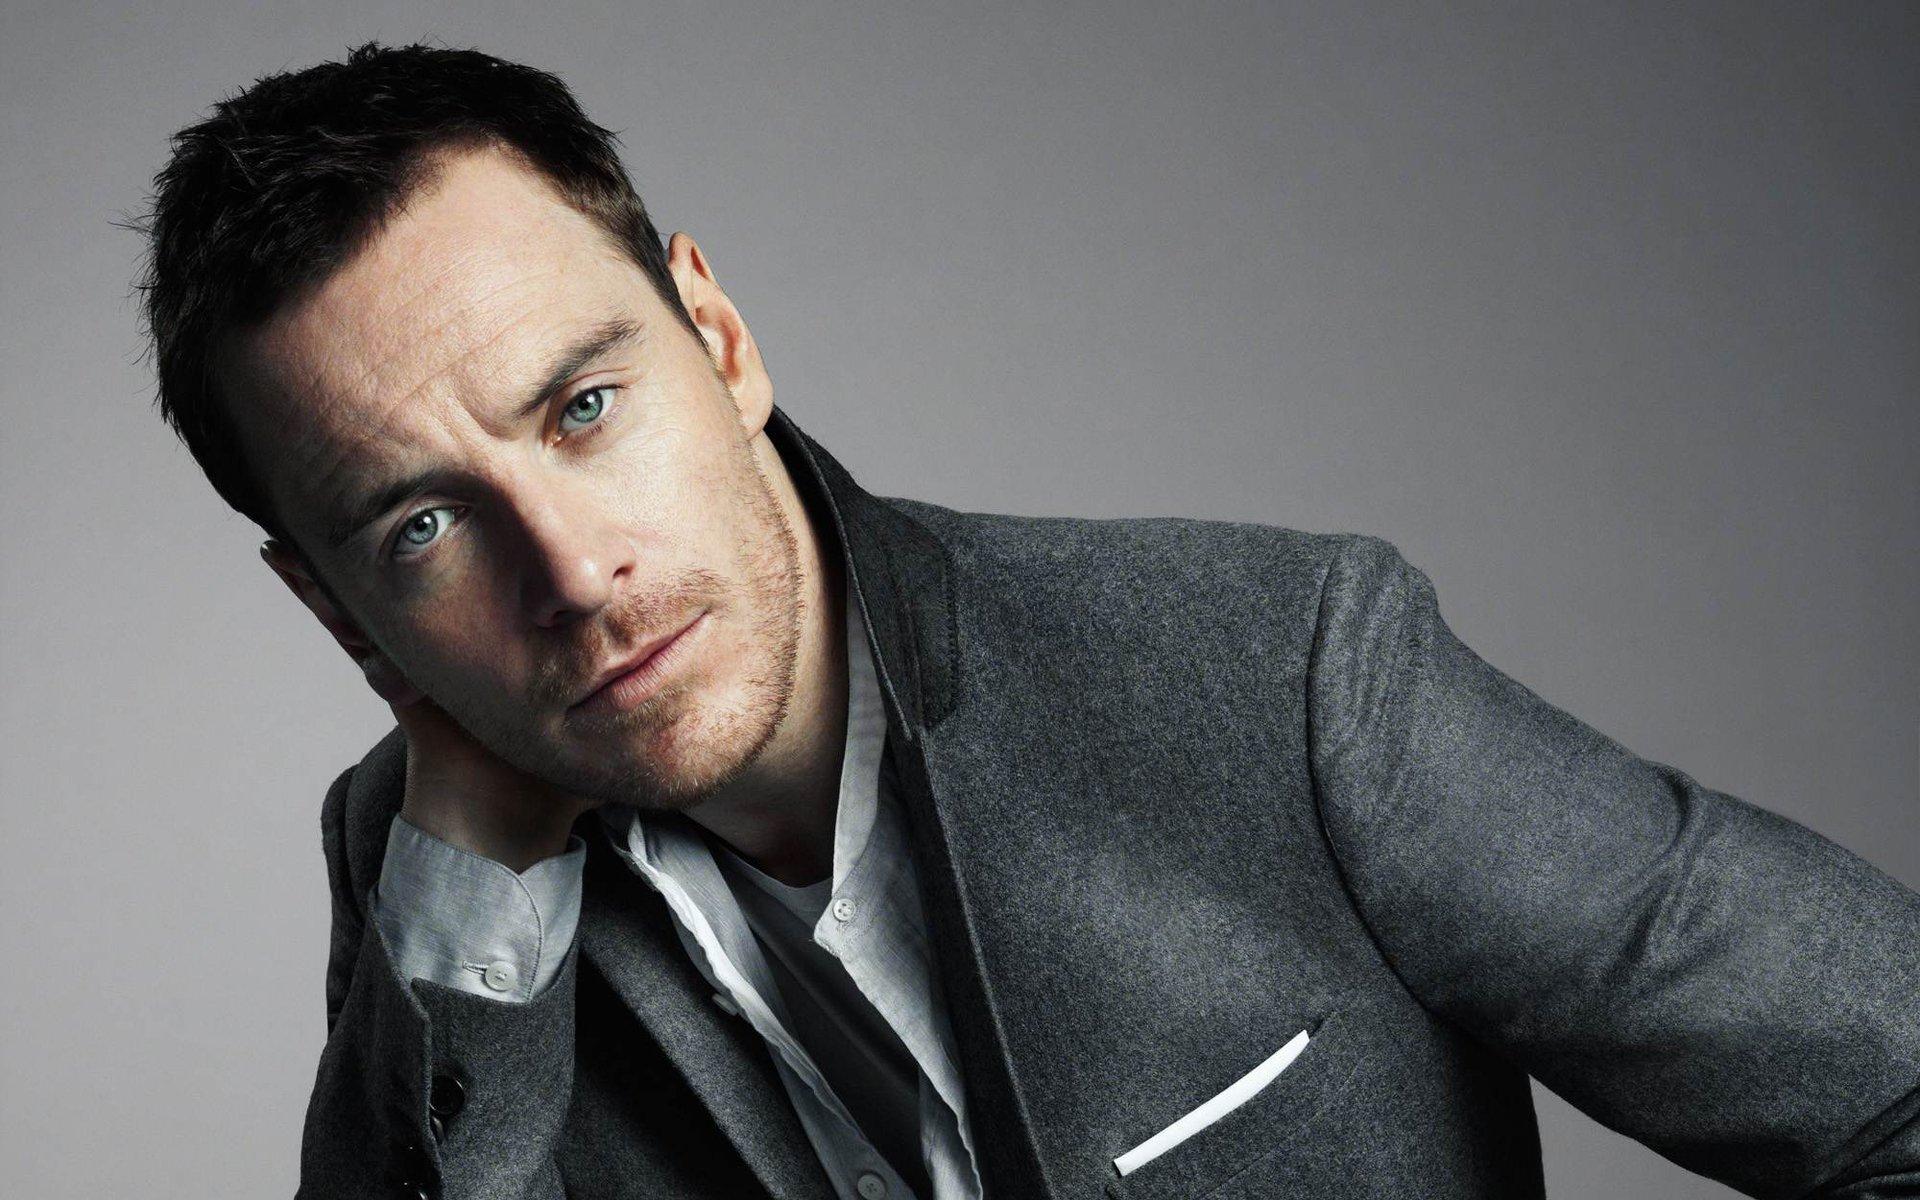 Популярные зарубежные актеры мужчины #8